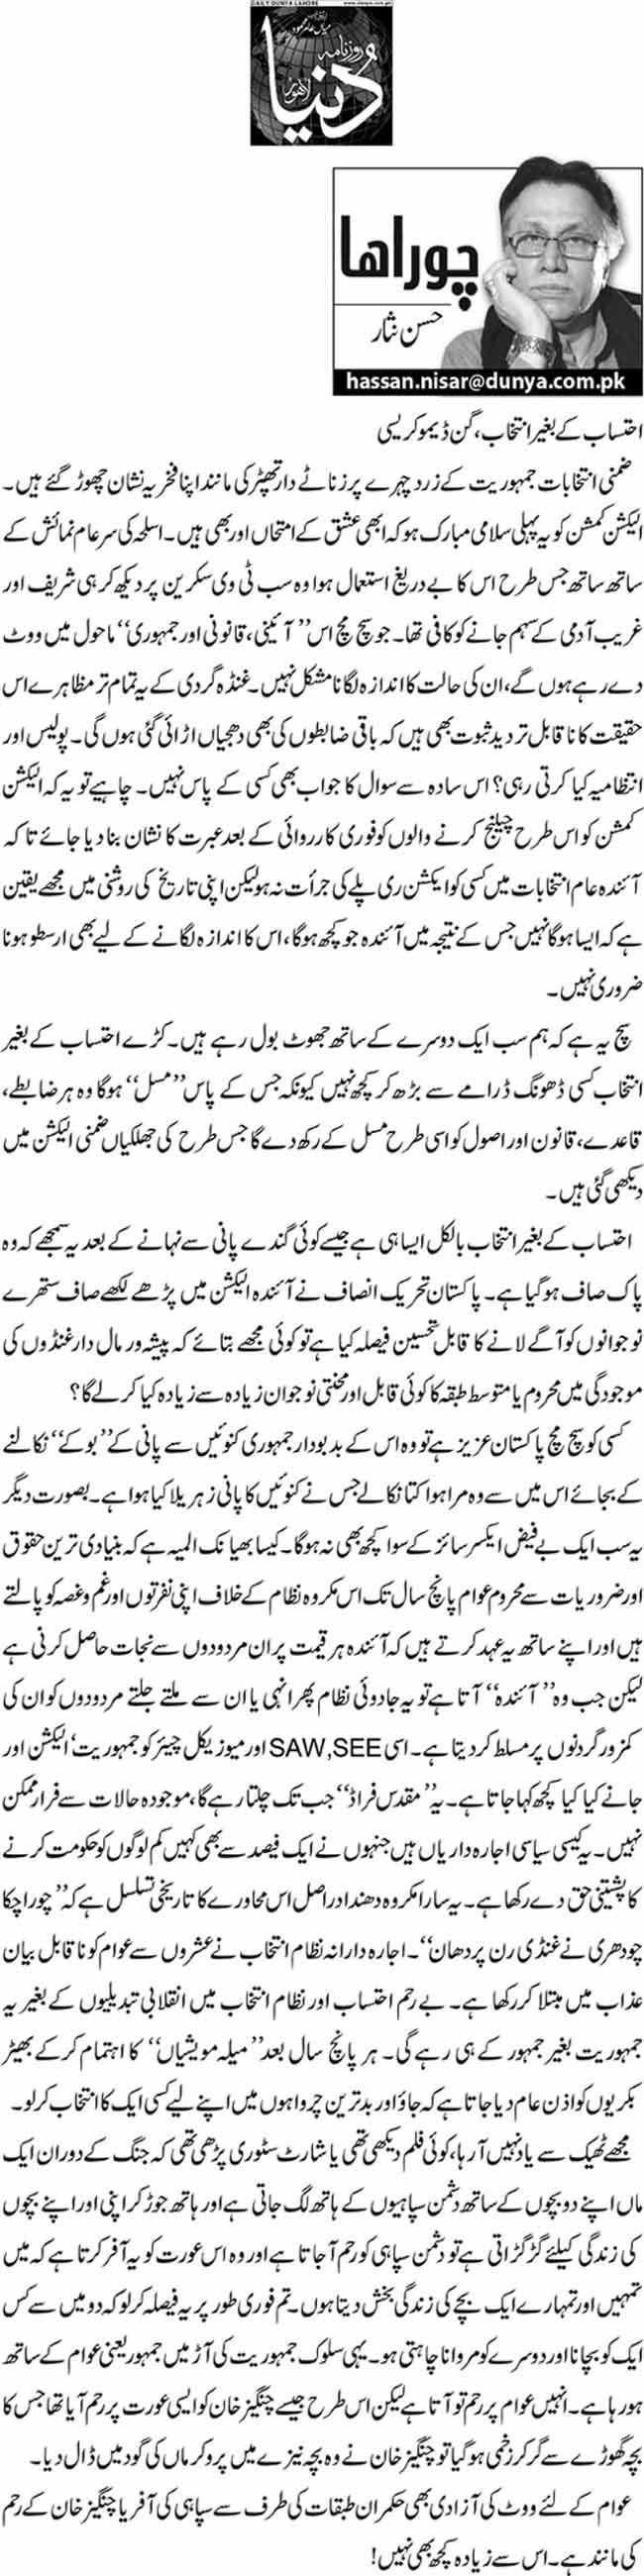 Ihtisaab k baghair intikhabaat, gun democracy - Hassan Nisar